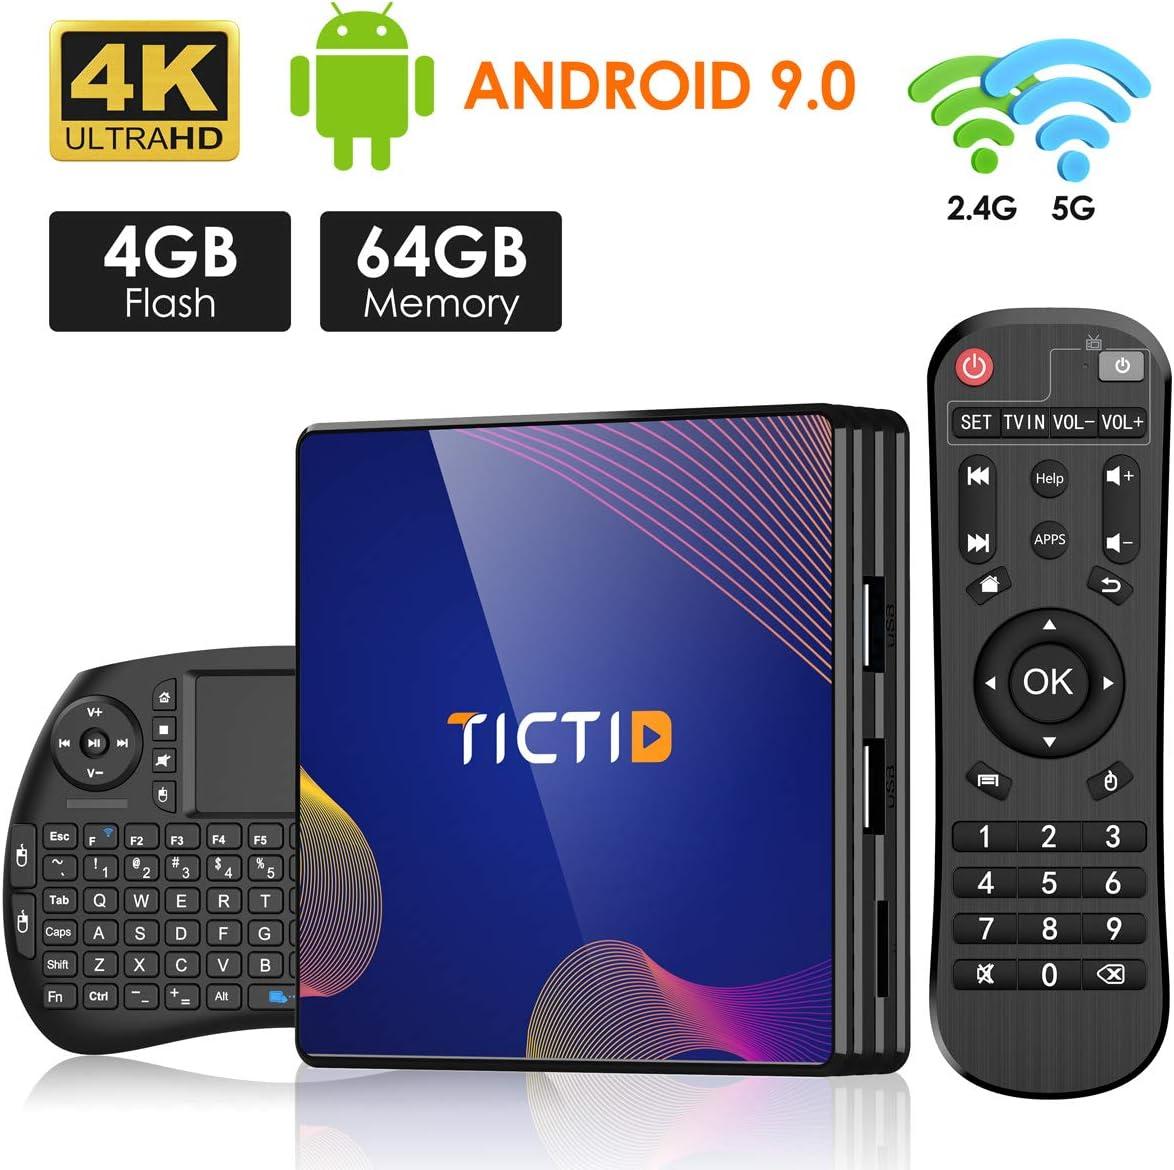 Android 9.0 TV Box【4G+64G】con Mini Teclado inalámbirco con touchpad RK3318 Quad-Core 64bit Cortex-A53, Wi-Fi-Dual 5G/2.4G,BT 4.1, 4K*2K UHD H.265, USB 3.0 Smart TV Box: Amazon.es: Electrónica